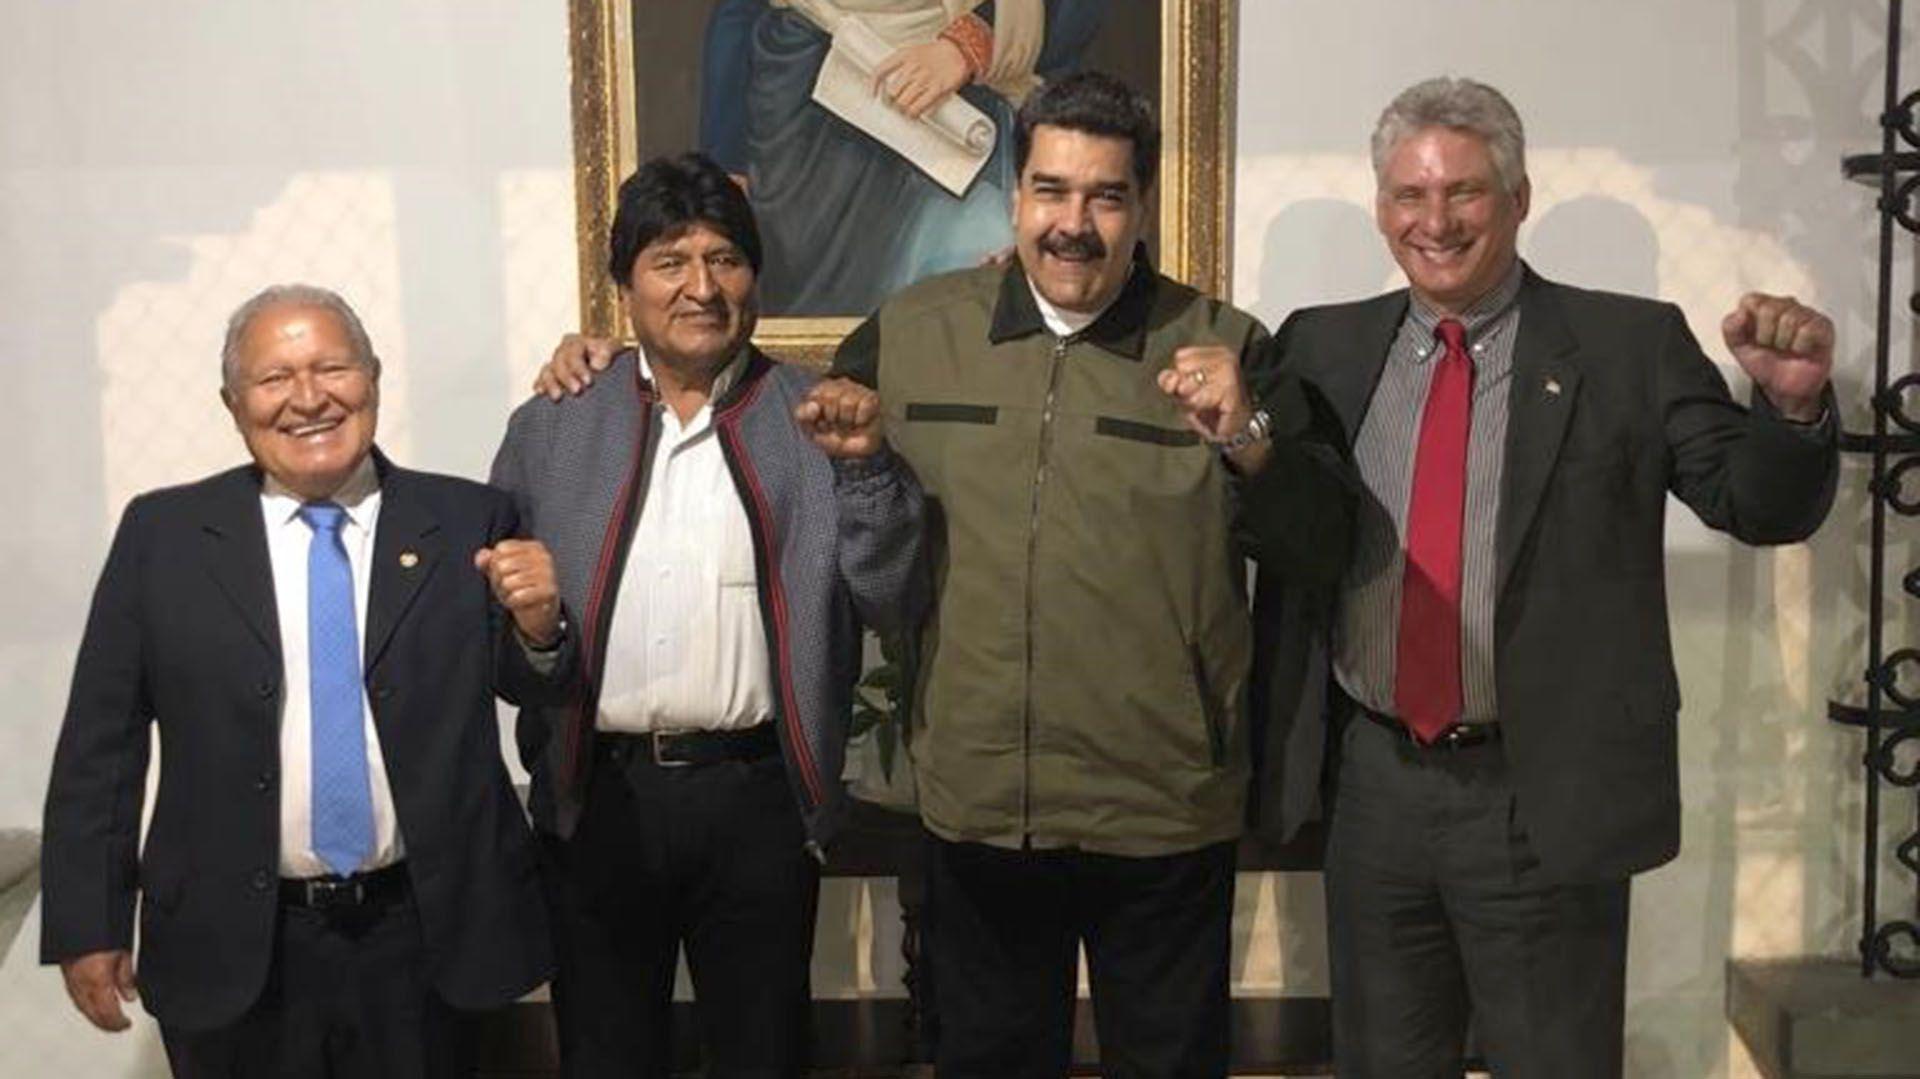 Morales, el ex presidente salvadoreño Salvador Sánchez Cerén y el dictador cubano Miguel Díaz-Canel acompañan a Maduro en su acto de reasunción, el 10 de enero pasado, en Caracas